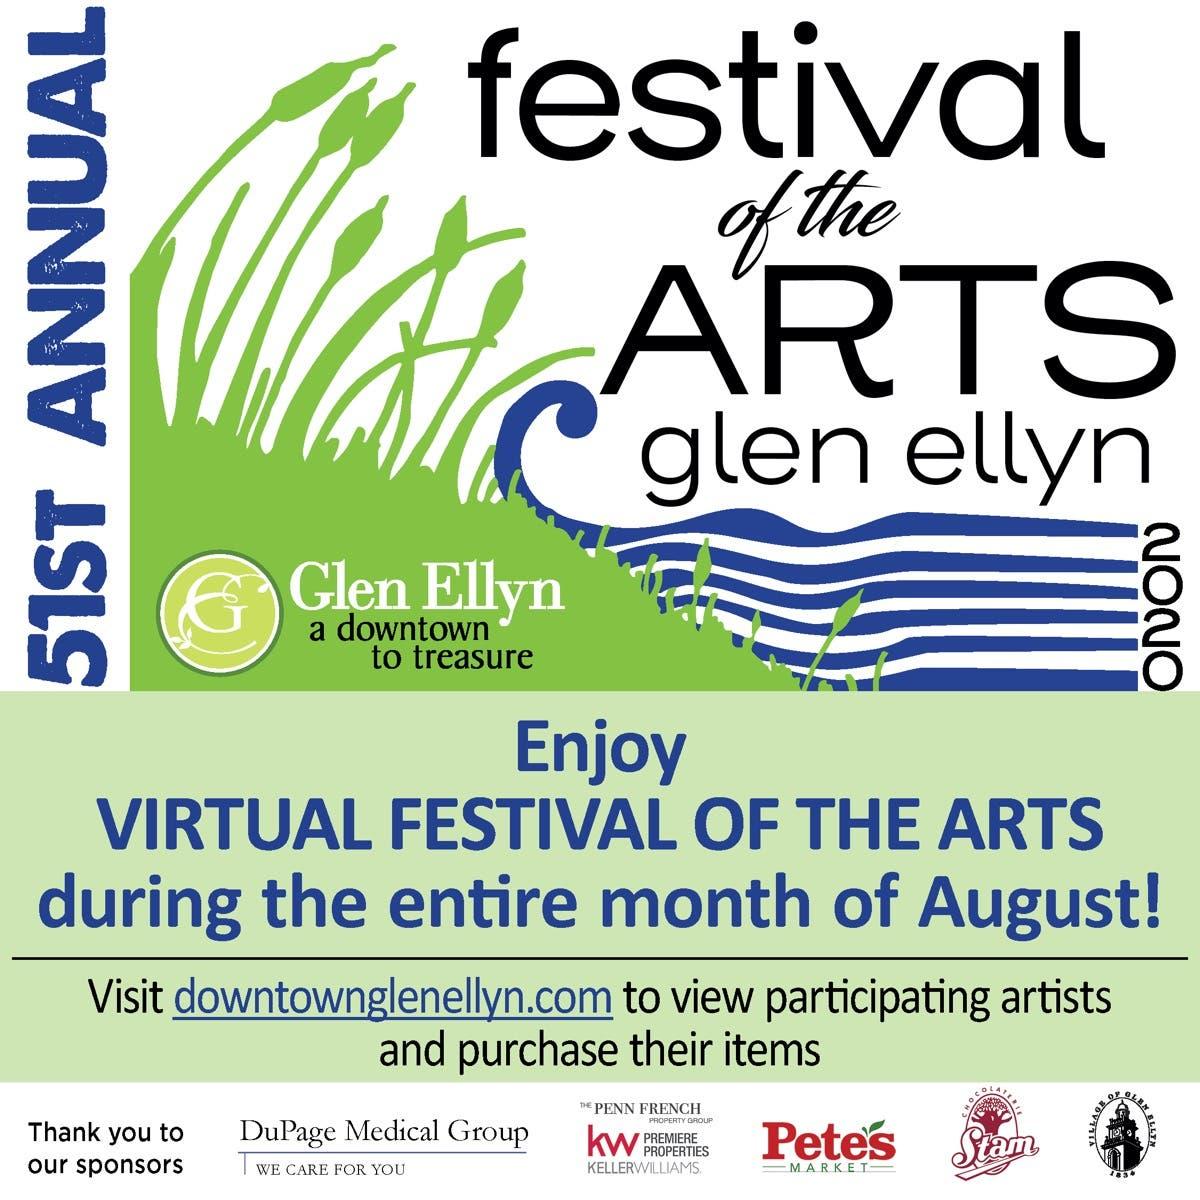 Aug 2 Celebrate Glen Ellyn S 51st Festival Of The Arts Virtually Glen Ellyn Il Patch